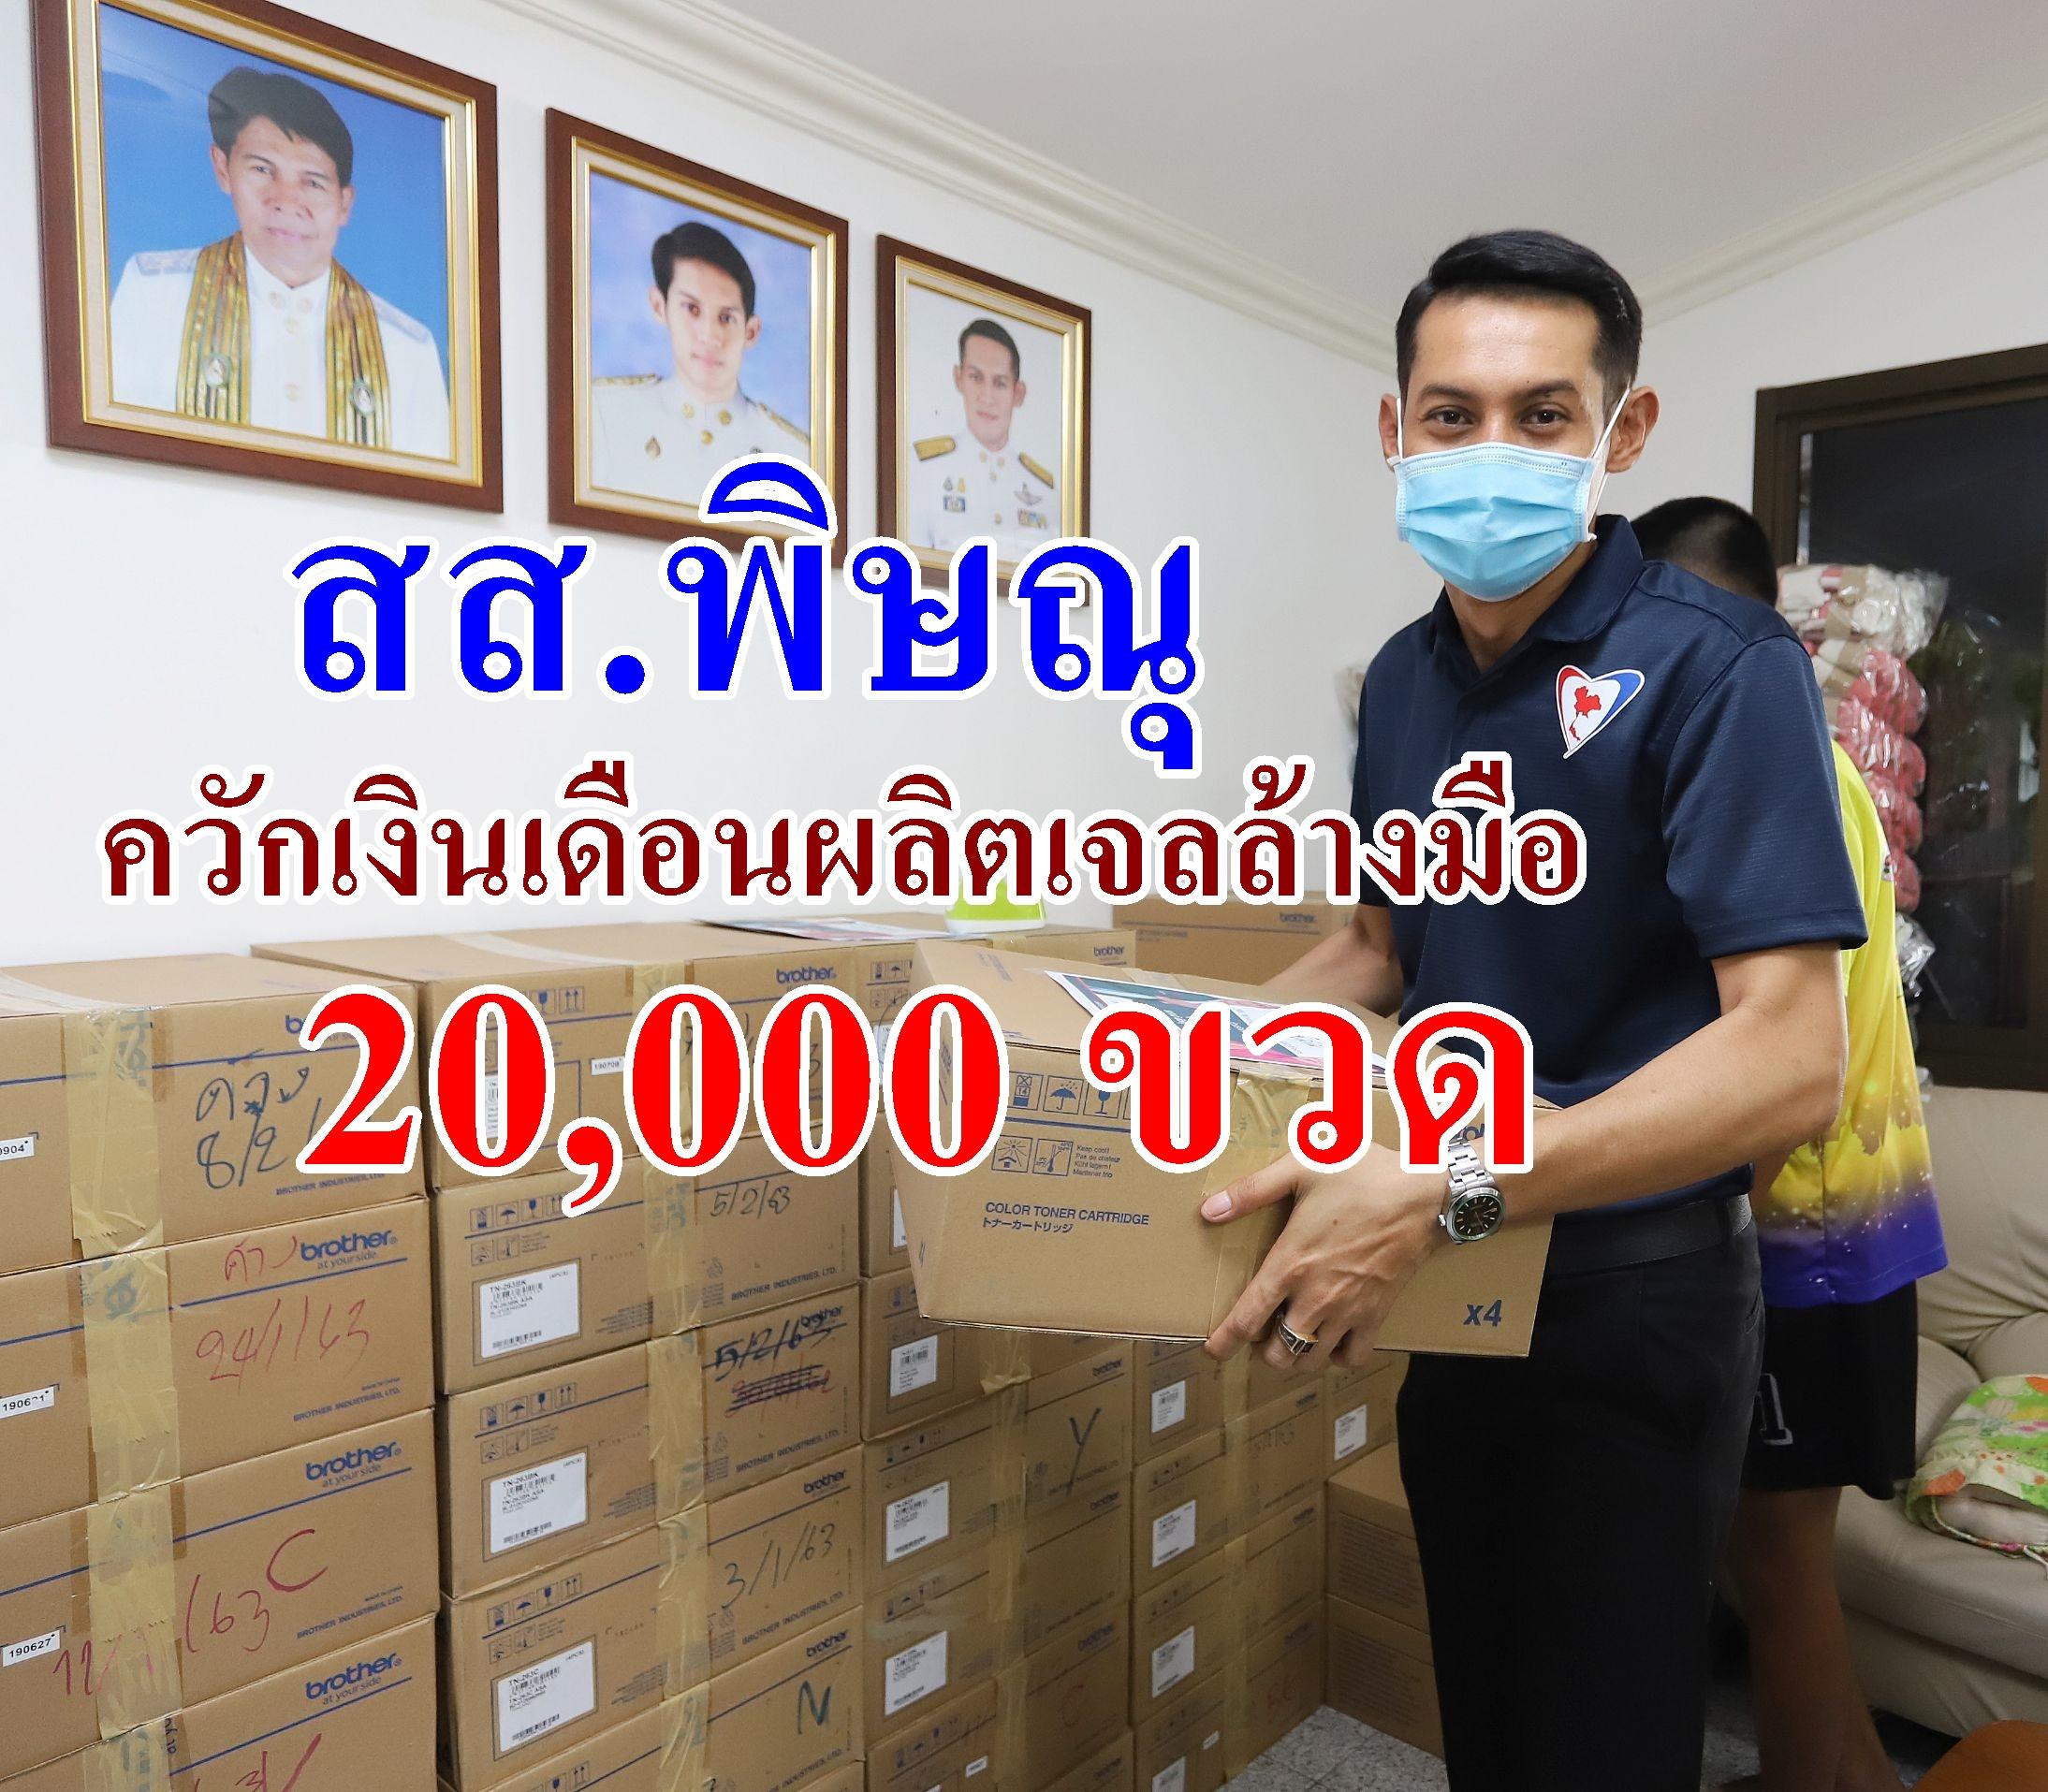 สส.พิษณุ ภูมิใจไทย ควักเงินเดือนผลิตแอลกอฮอลล์ล้างมือ แจกคนปทุมฯ 20,000 ขวด